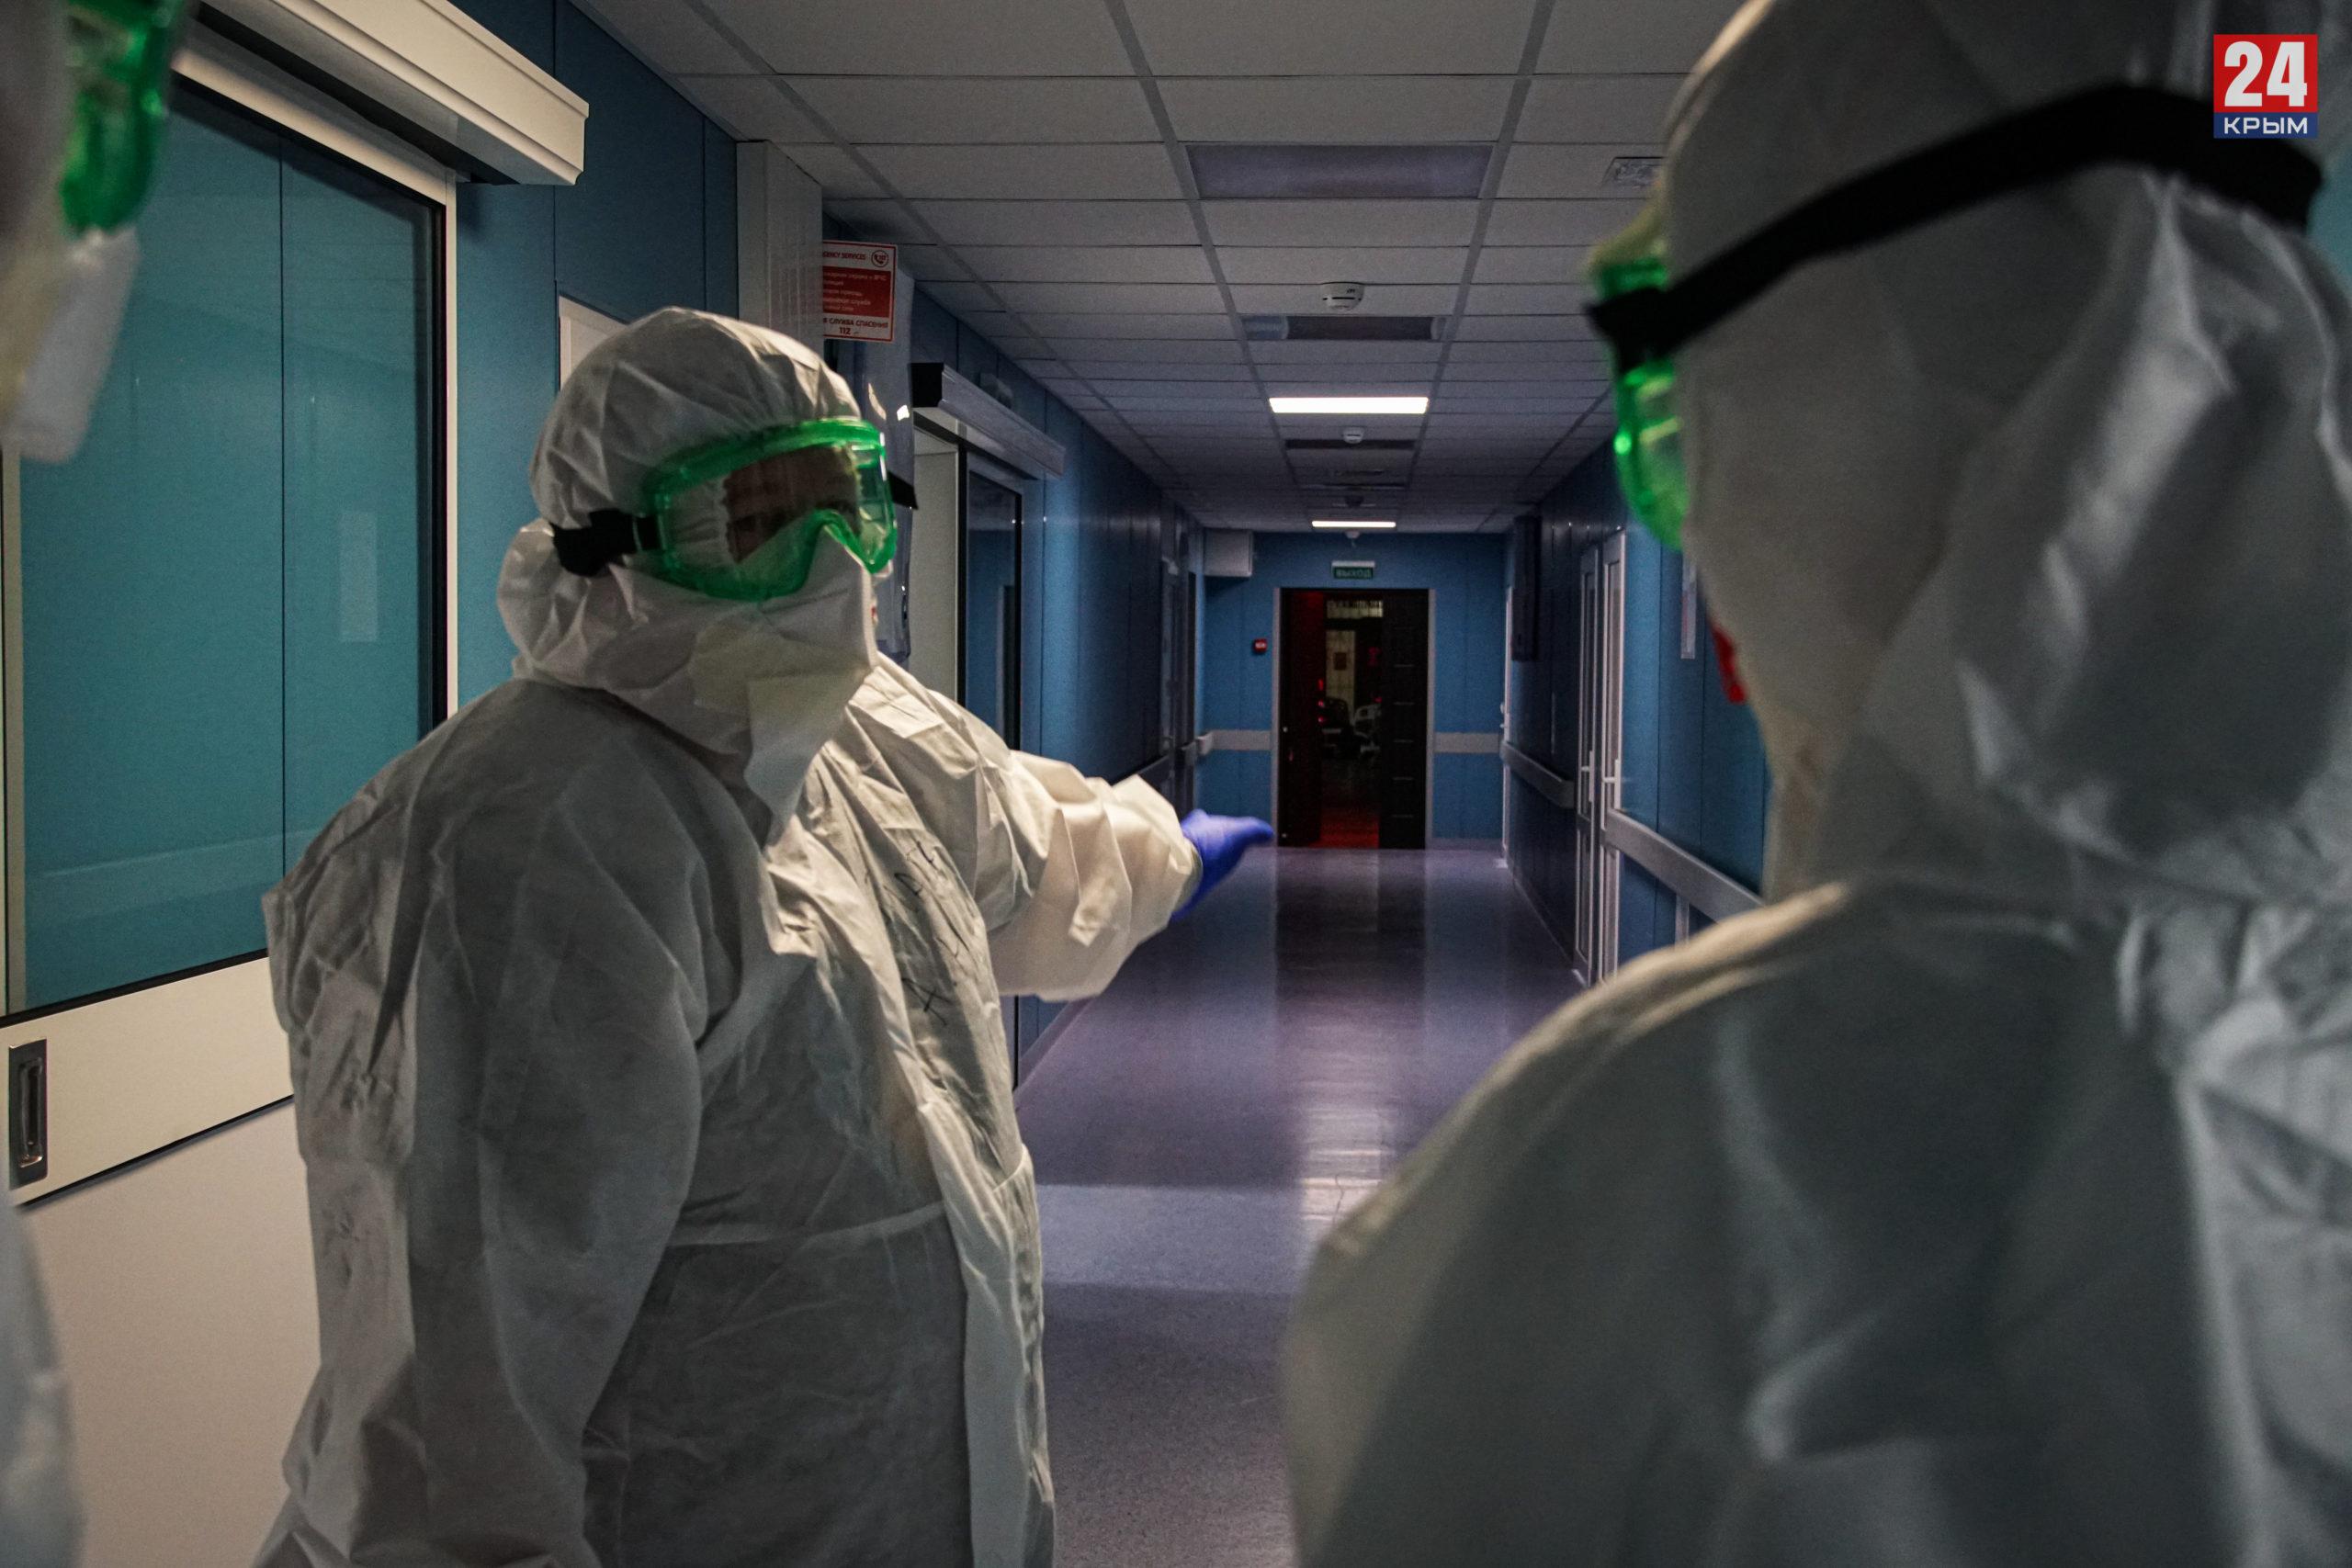 В Крыму за сутки выявили максимальное количество новых случаев коронавируса за 5 месяцев